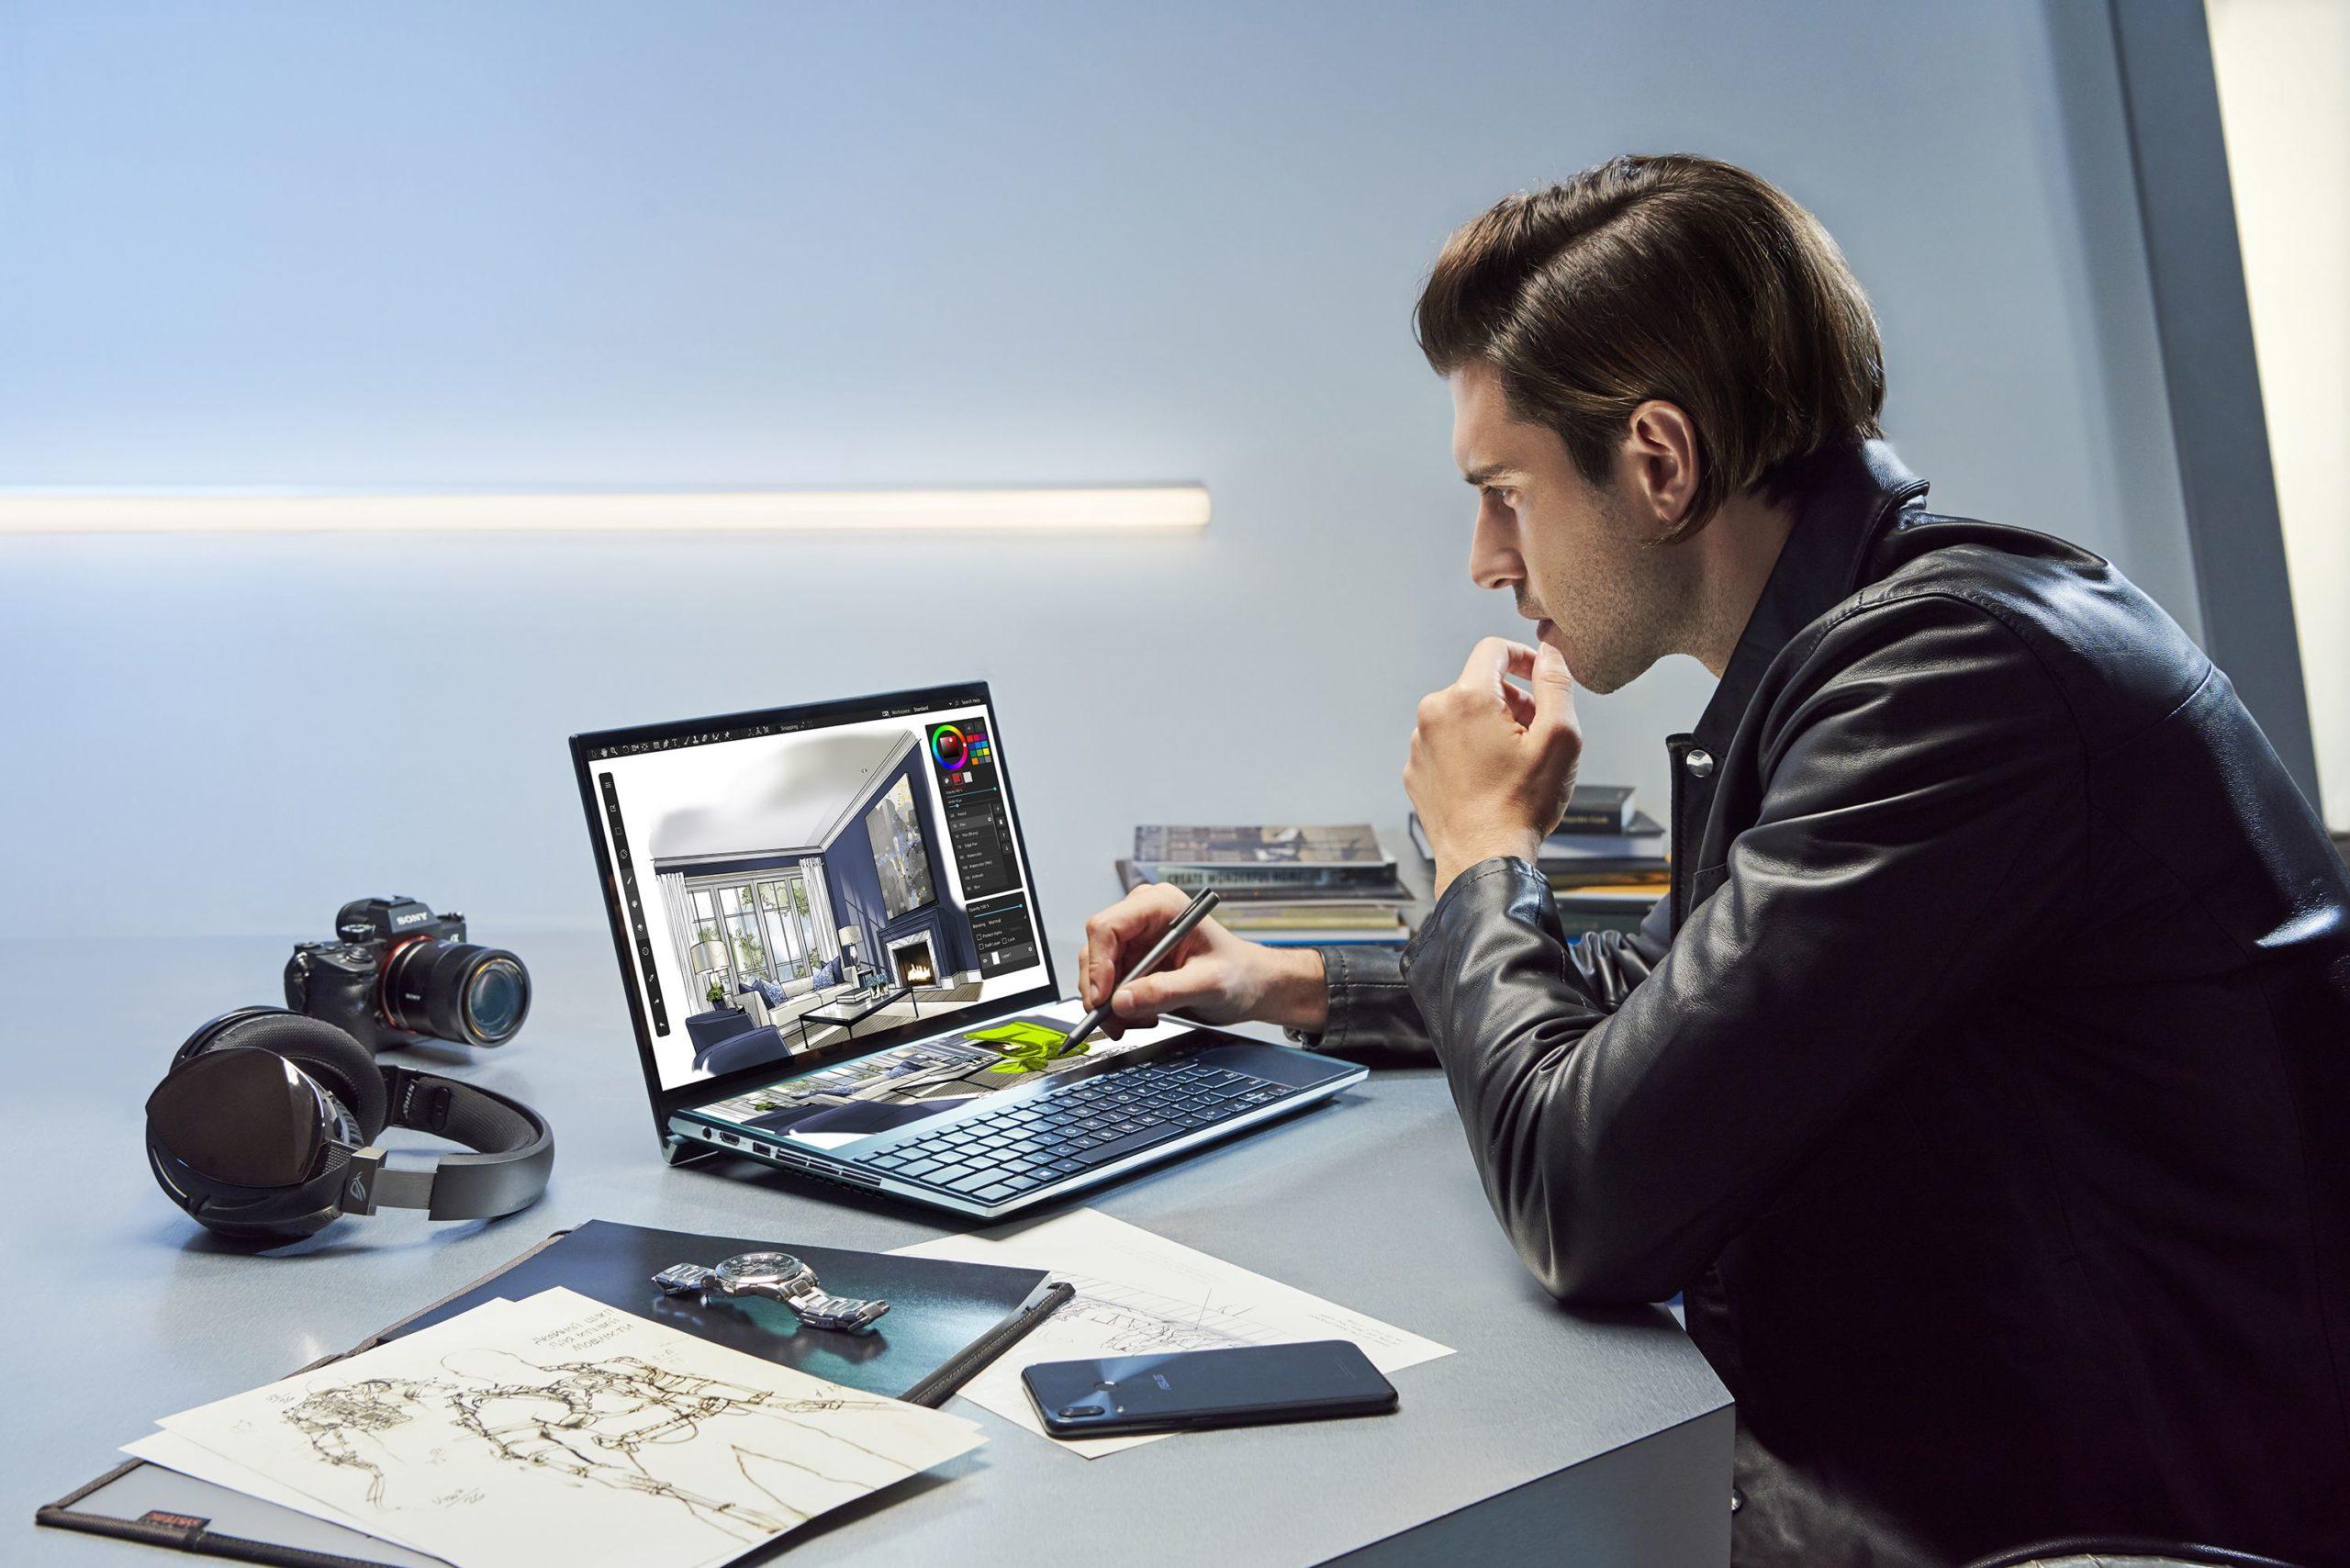 Około-laptopowe projekty zawsze potrafiły zaskoczyć. Jakie hybrydy, sprzęty 2-w-1 i nietypowe laptopy wspominacie najlepiej? 16